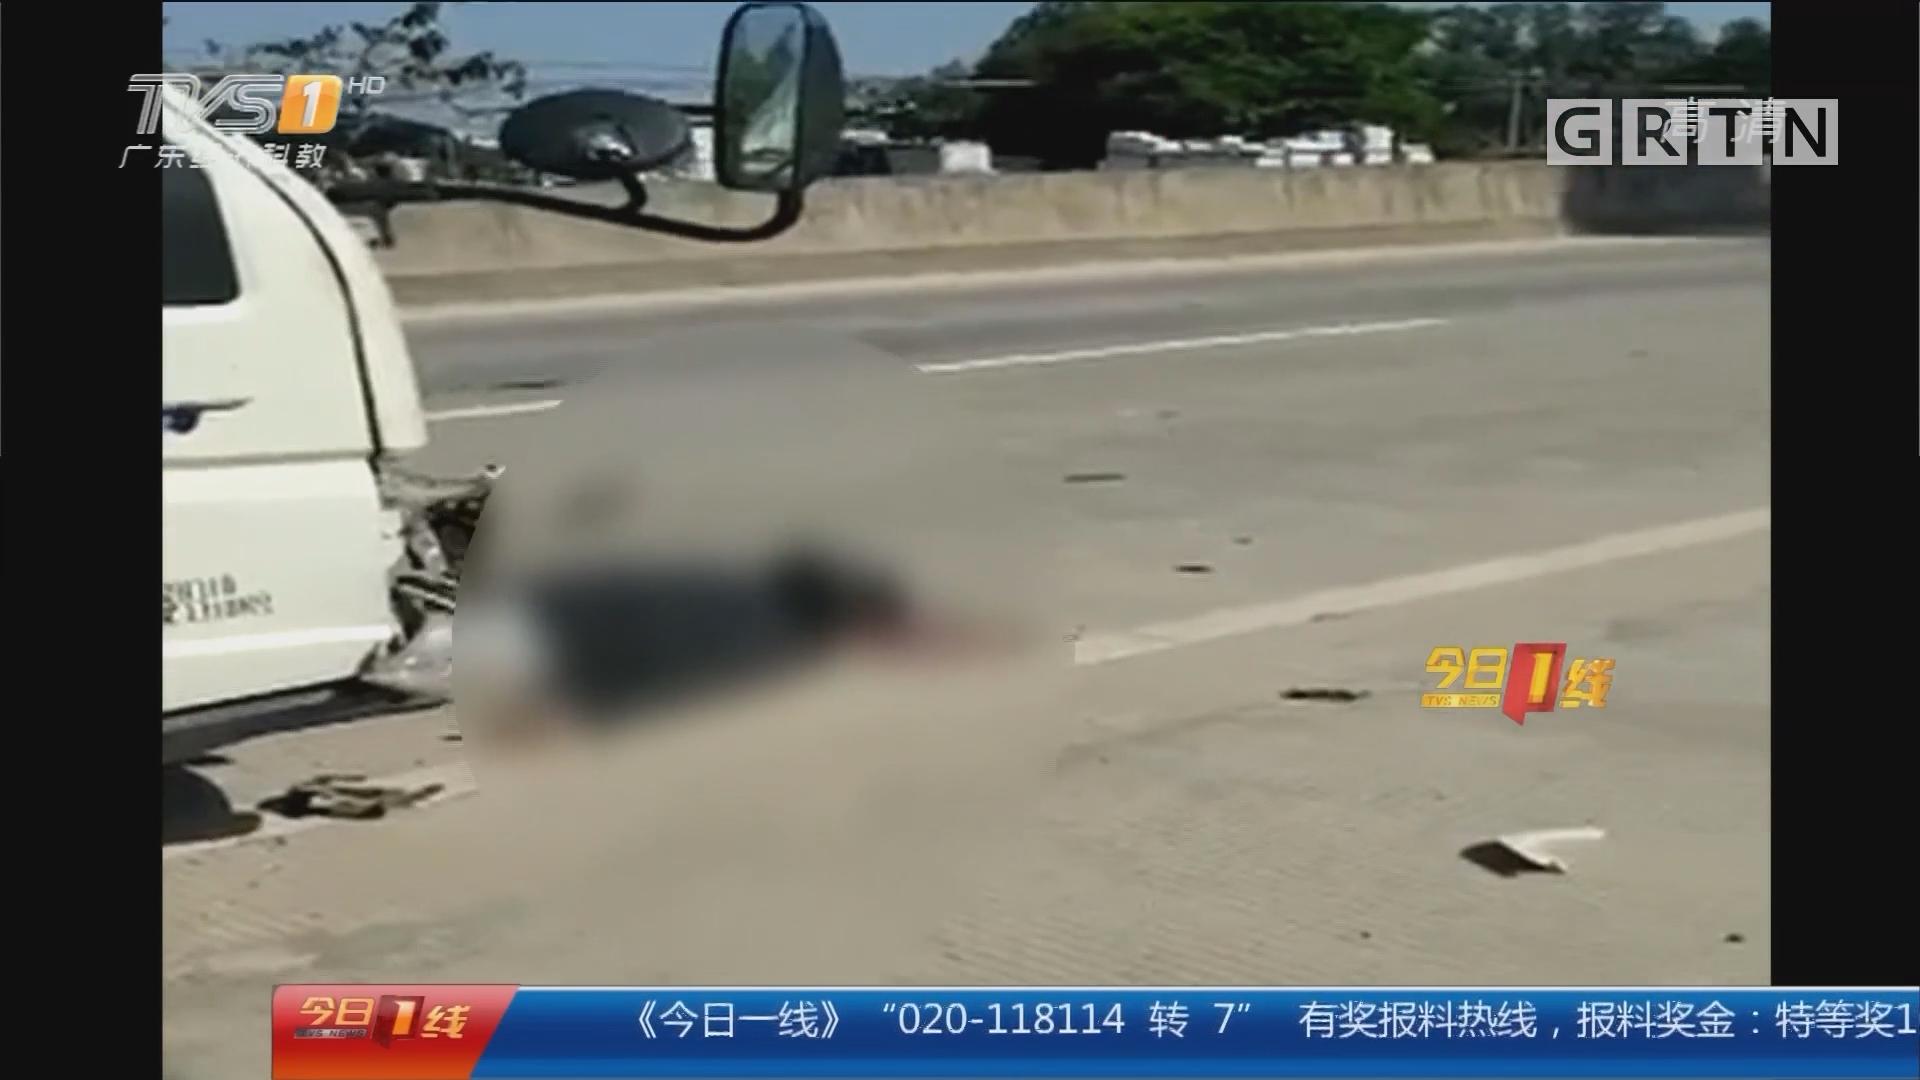 茂名:摩托车小货车相撞 4死1伤